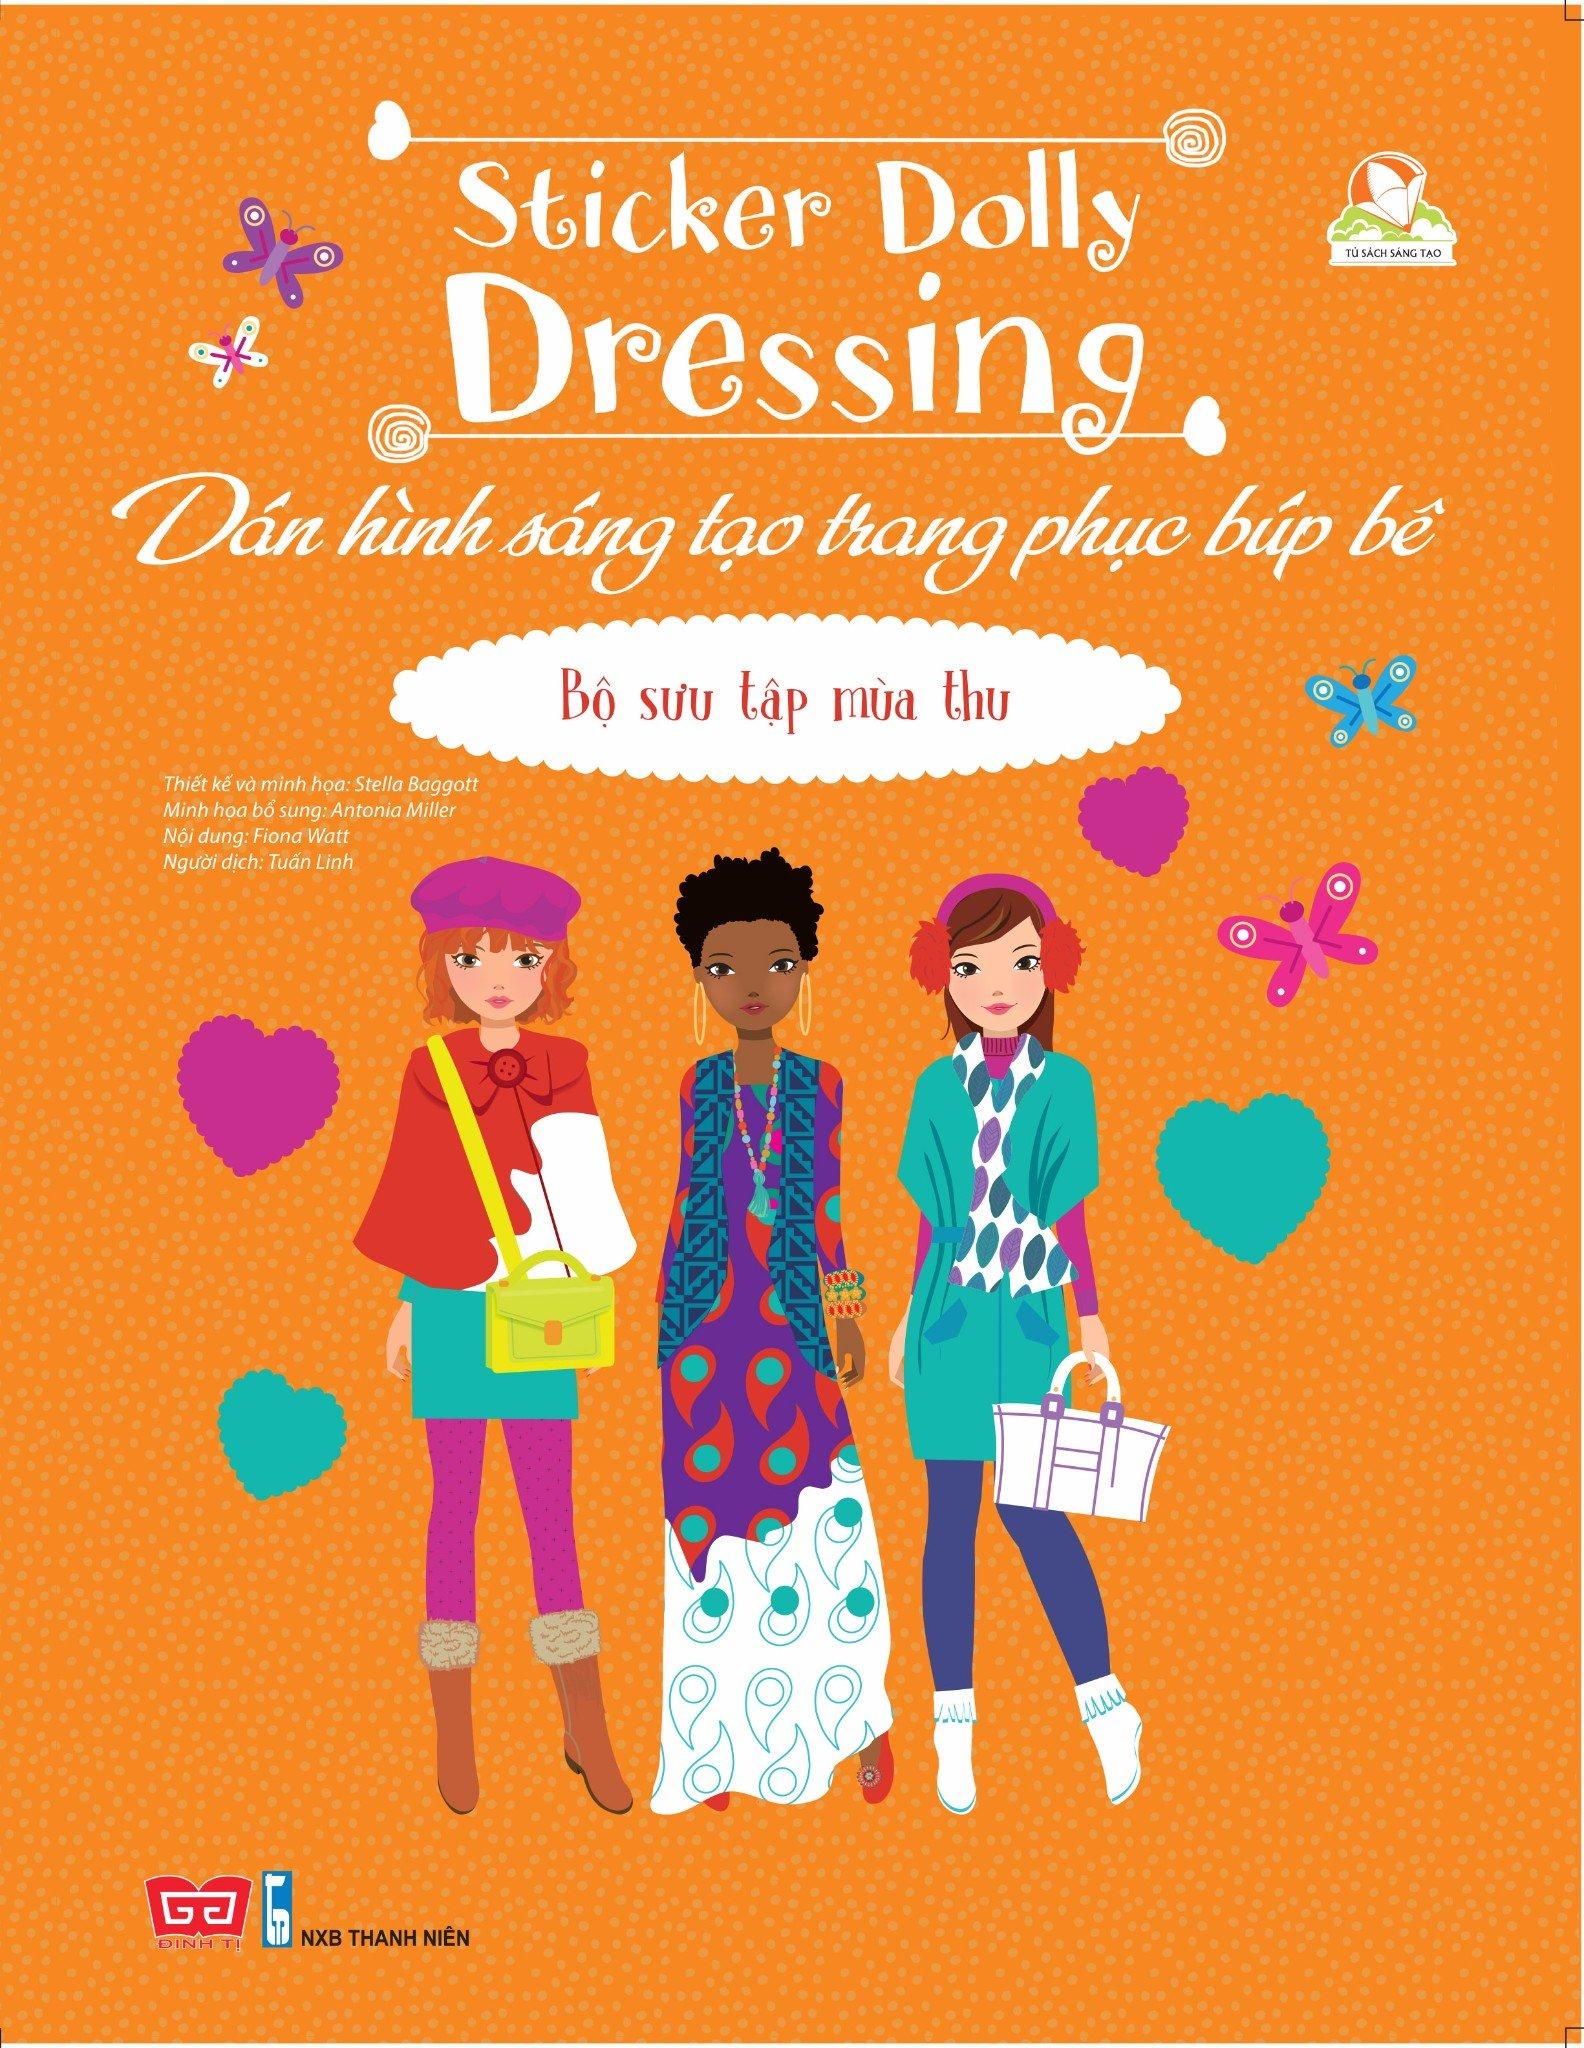 Dán hình sáng tạo trang phục búp bê - Bộ sưu tập mùa thu